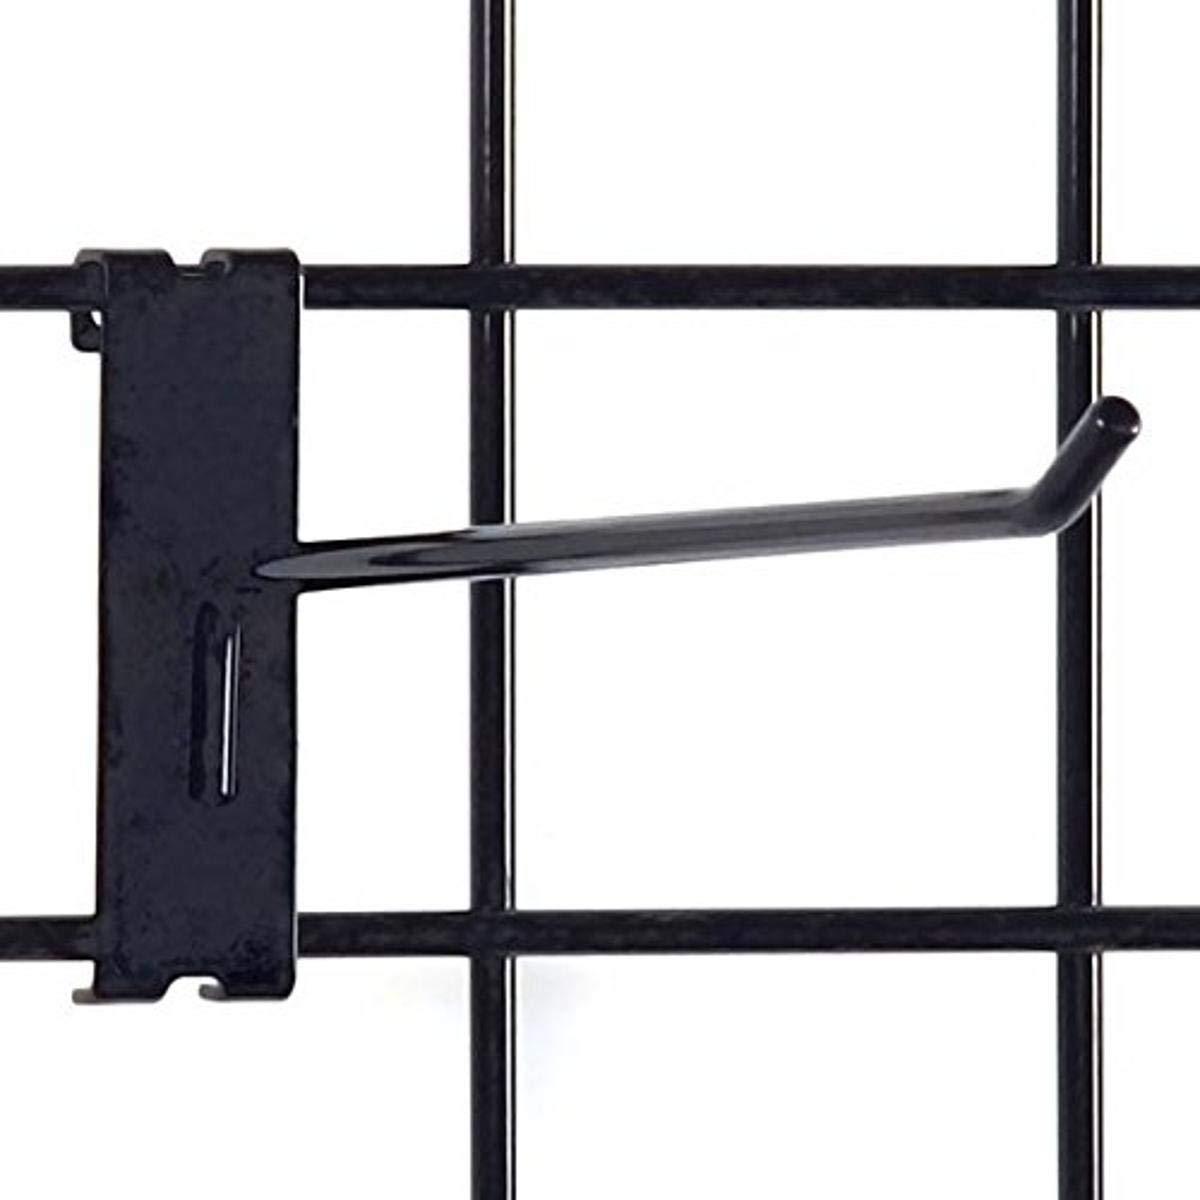 KC Store Fixtures A04711 Gridwall Hook 10